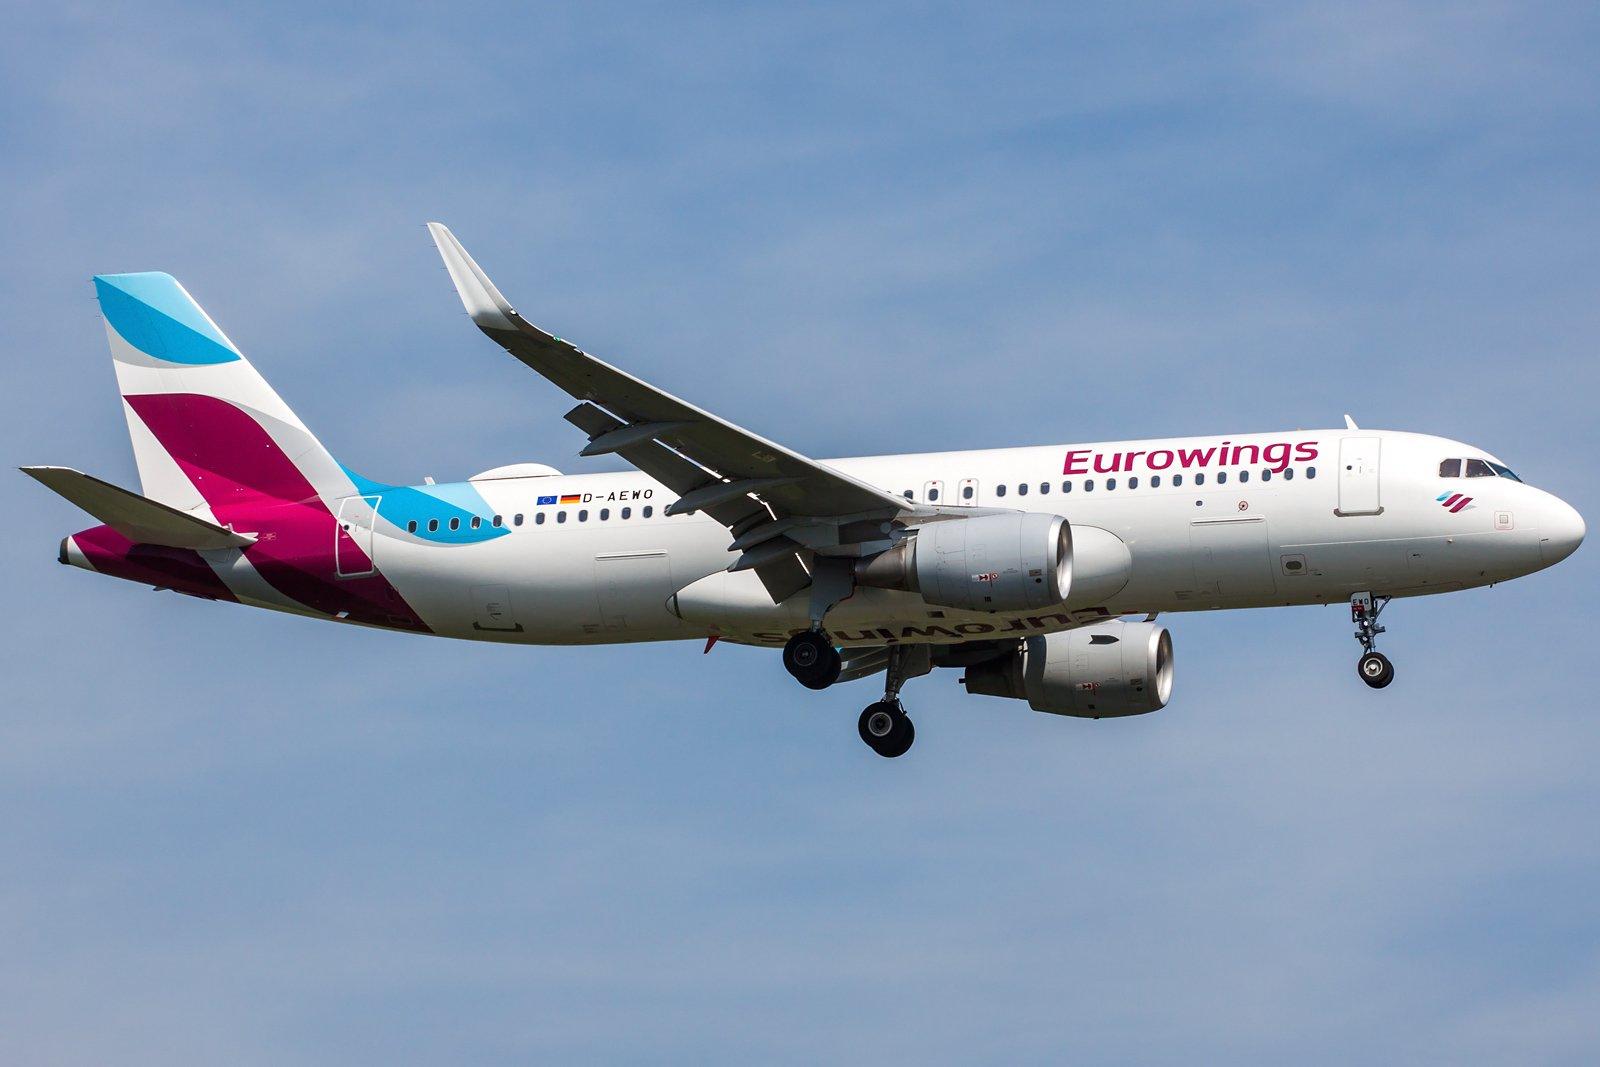 Eurowings Airbus A320-214(WL) D-AEWO